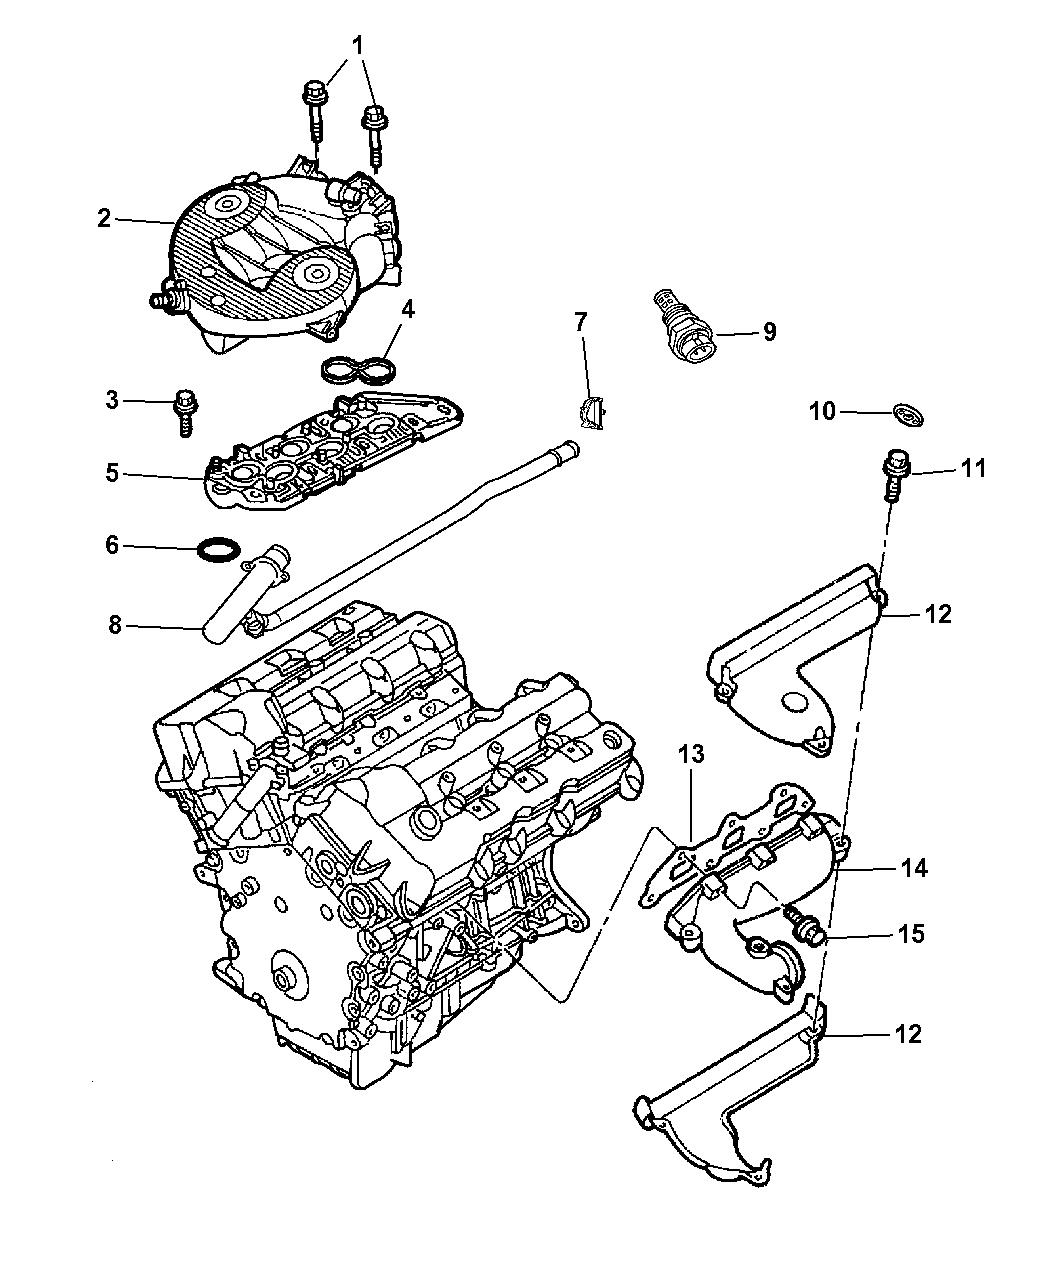 2 7 liter chrysler engine diagram 2000 dodge intrepid engine diagram wiring diagrams blog  2000 dodge intrepid engine diagram